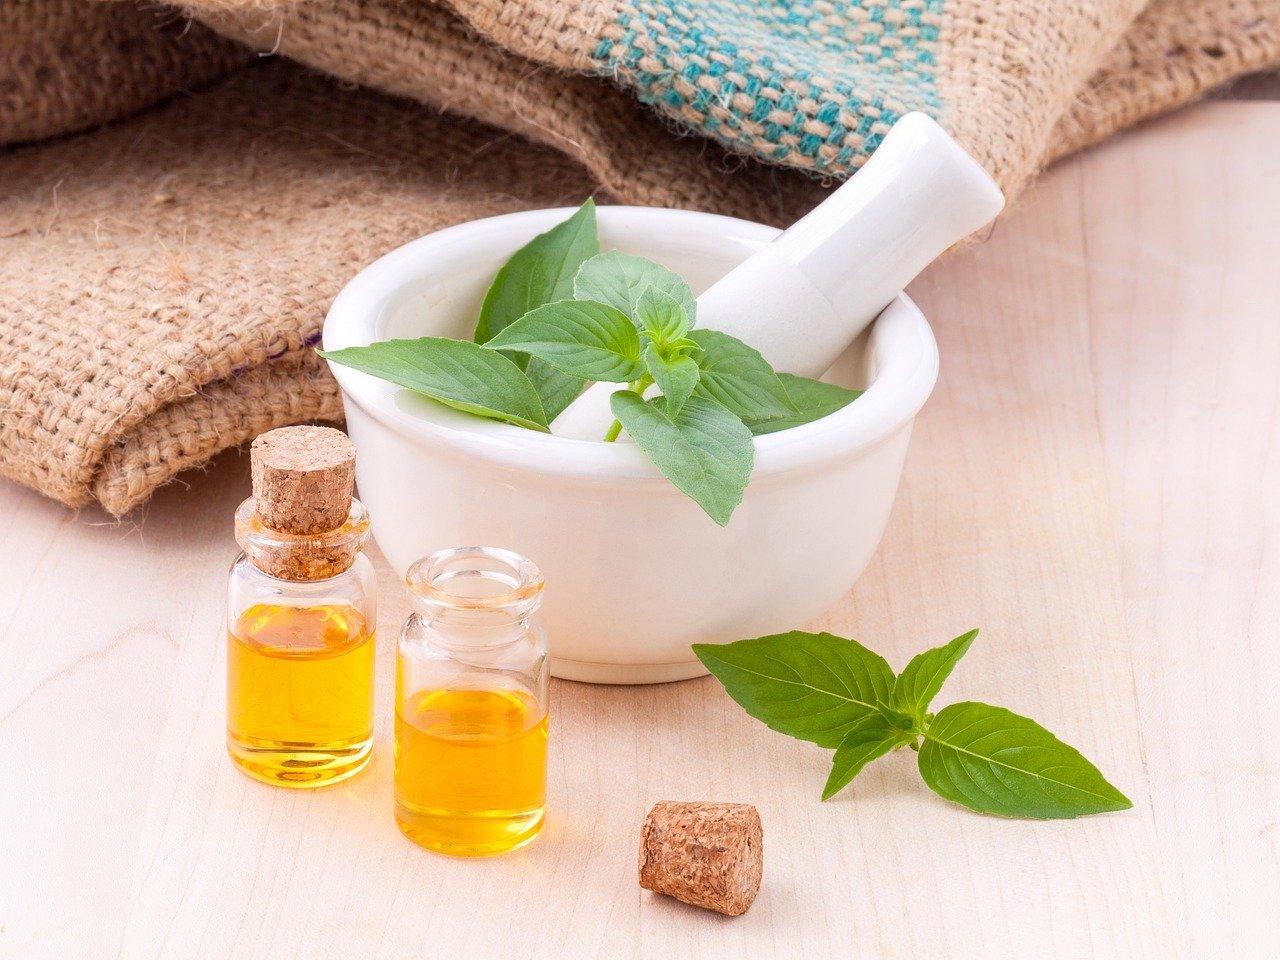 Ingredientes que no debes utilizar en tus cremas antiarrugas caseras